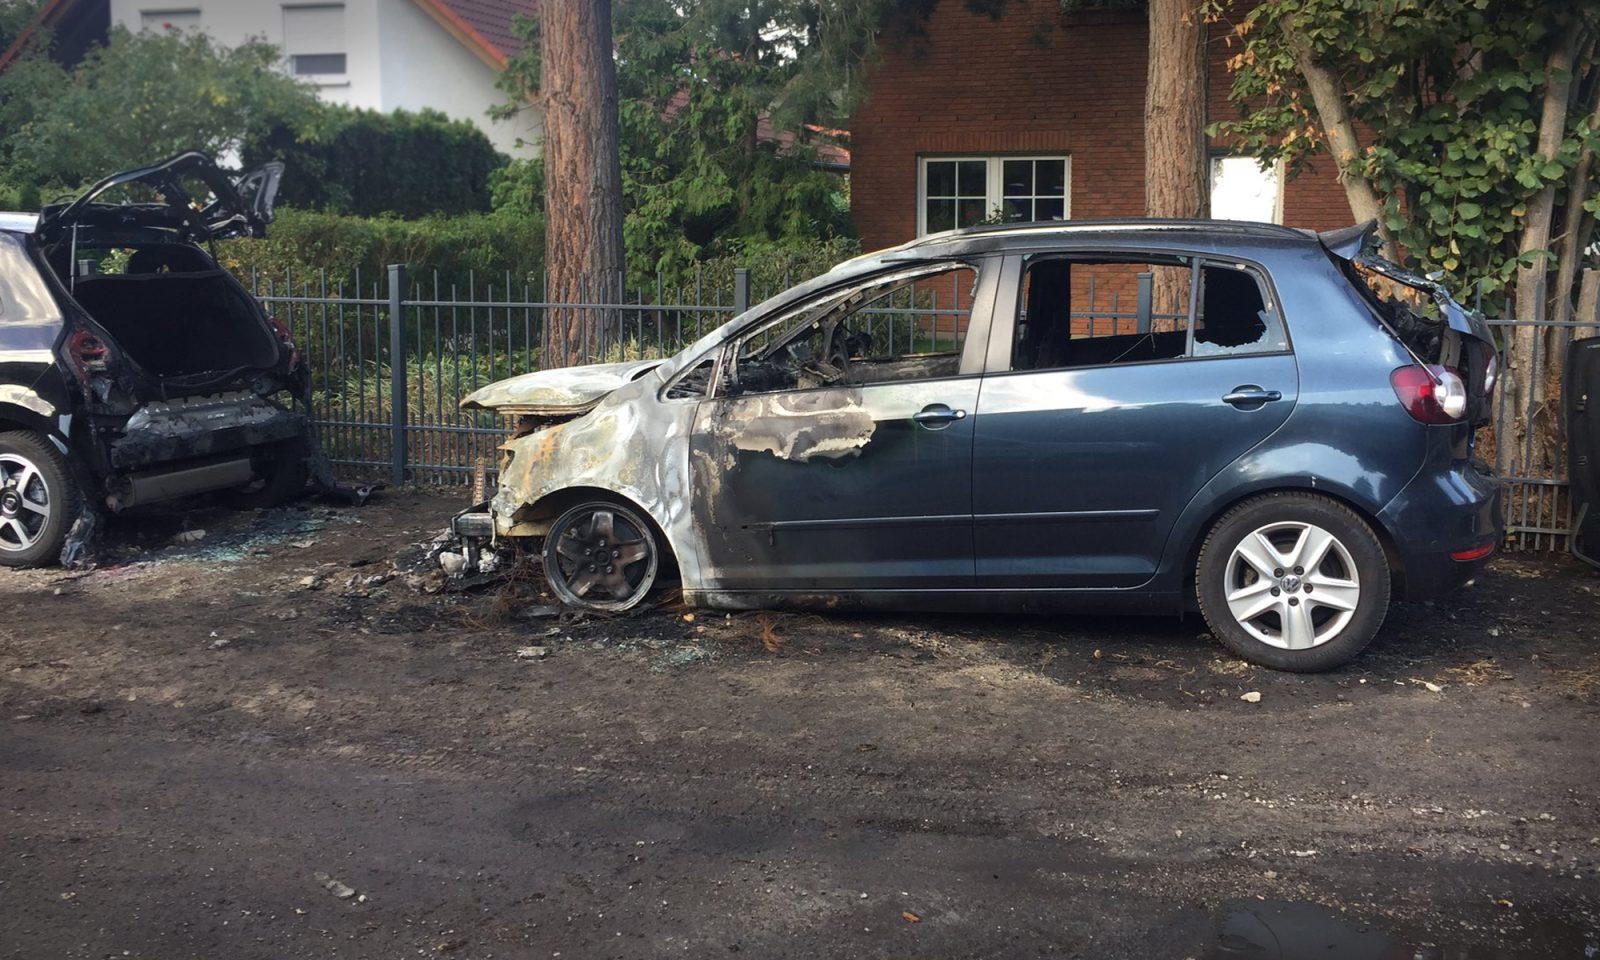 Brandanschlag auf VW von AfD-Abgeordneten Ronald Gläser Foto: Privat